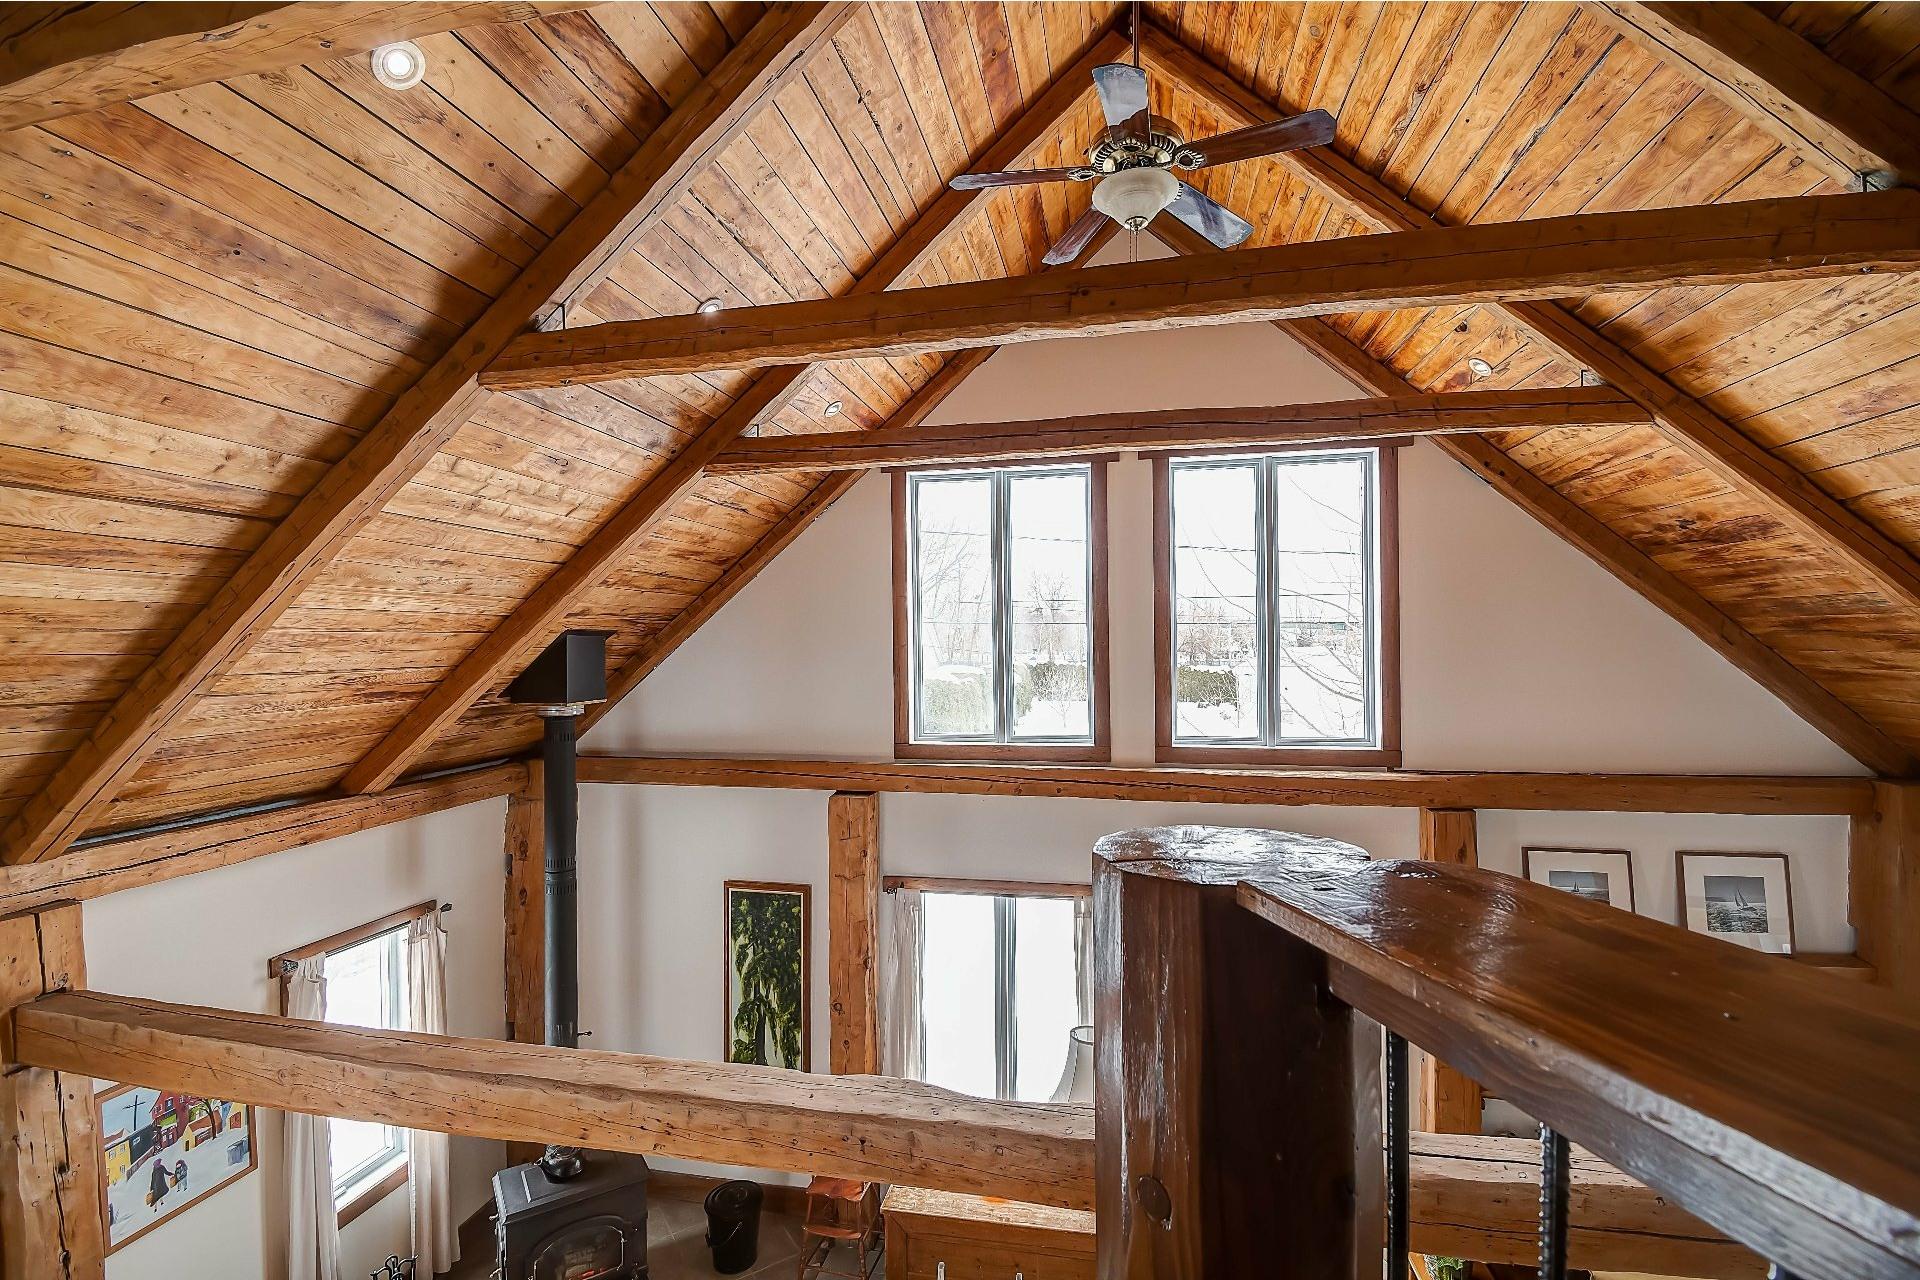 image 20 - Maison À vendre Trois-Rivières - 6 pièces